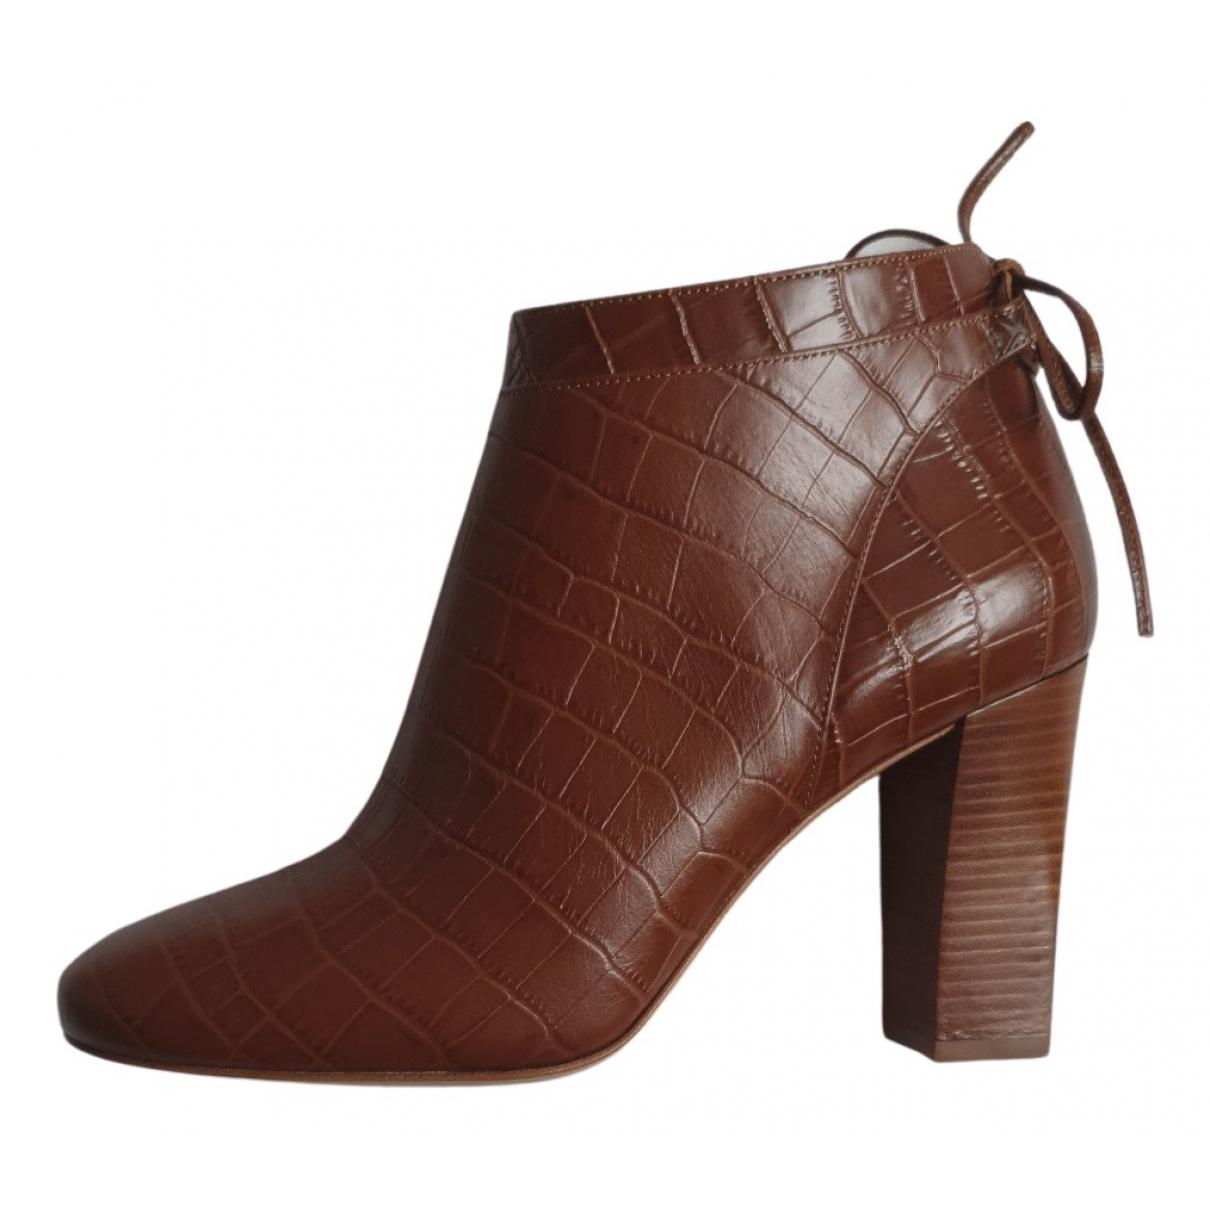 Sezane - Boots   pour femme en cuir - marron